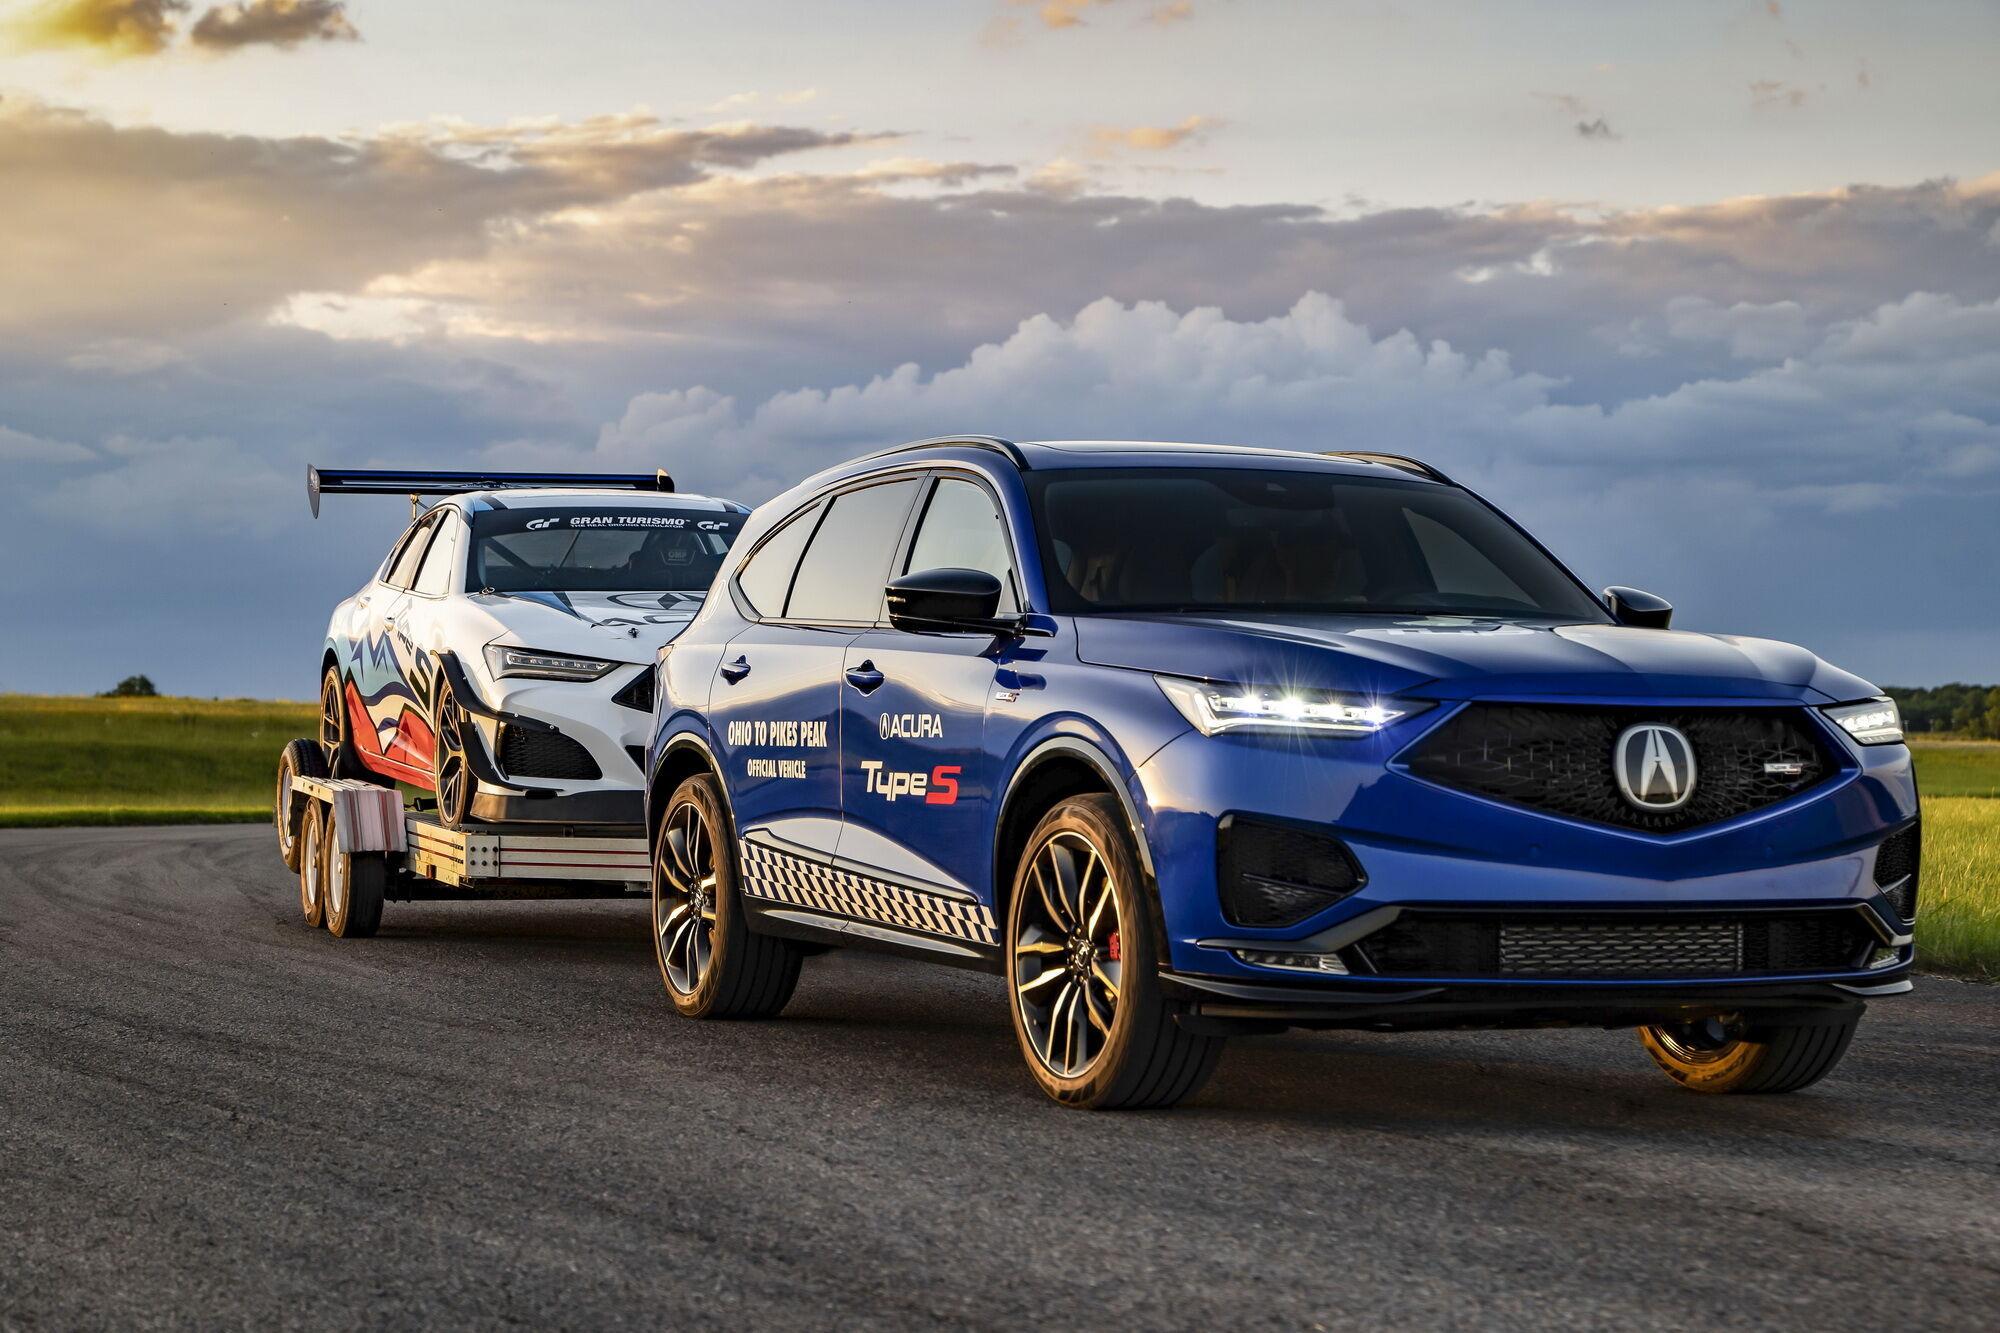 MDX Type S отвели роль тягача для буксировки гоночных машин